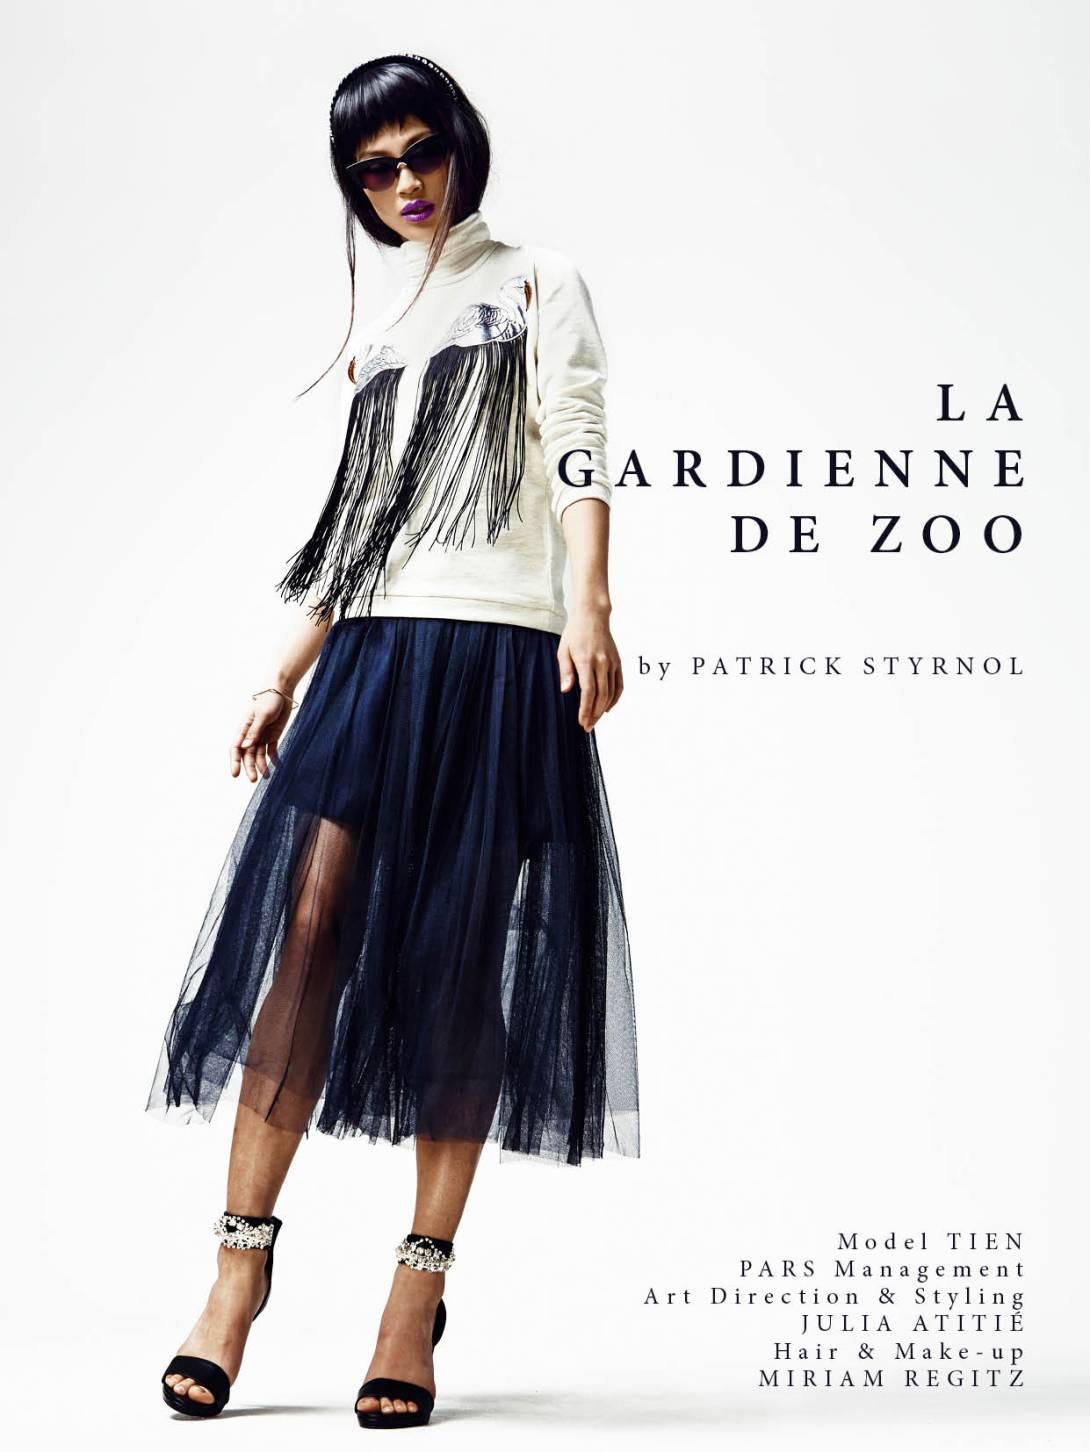 La gardienne de zoo